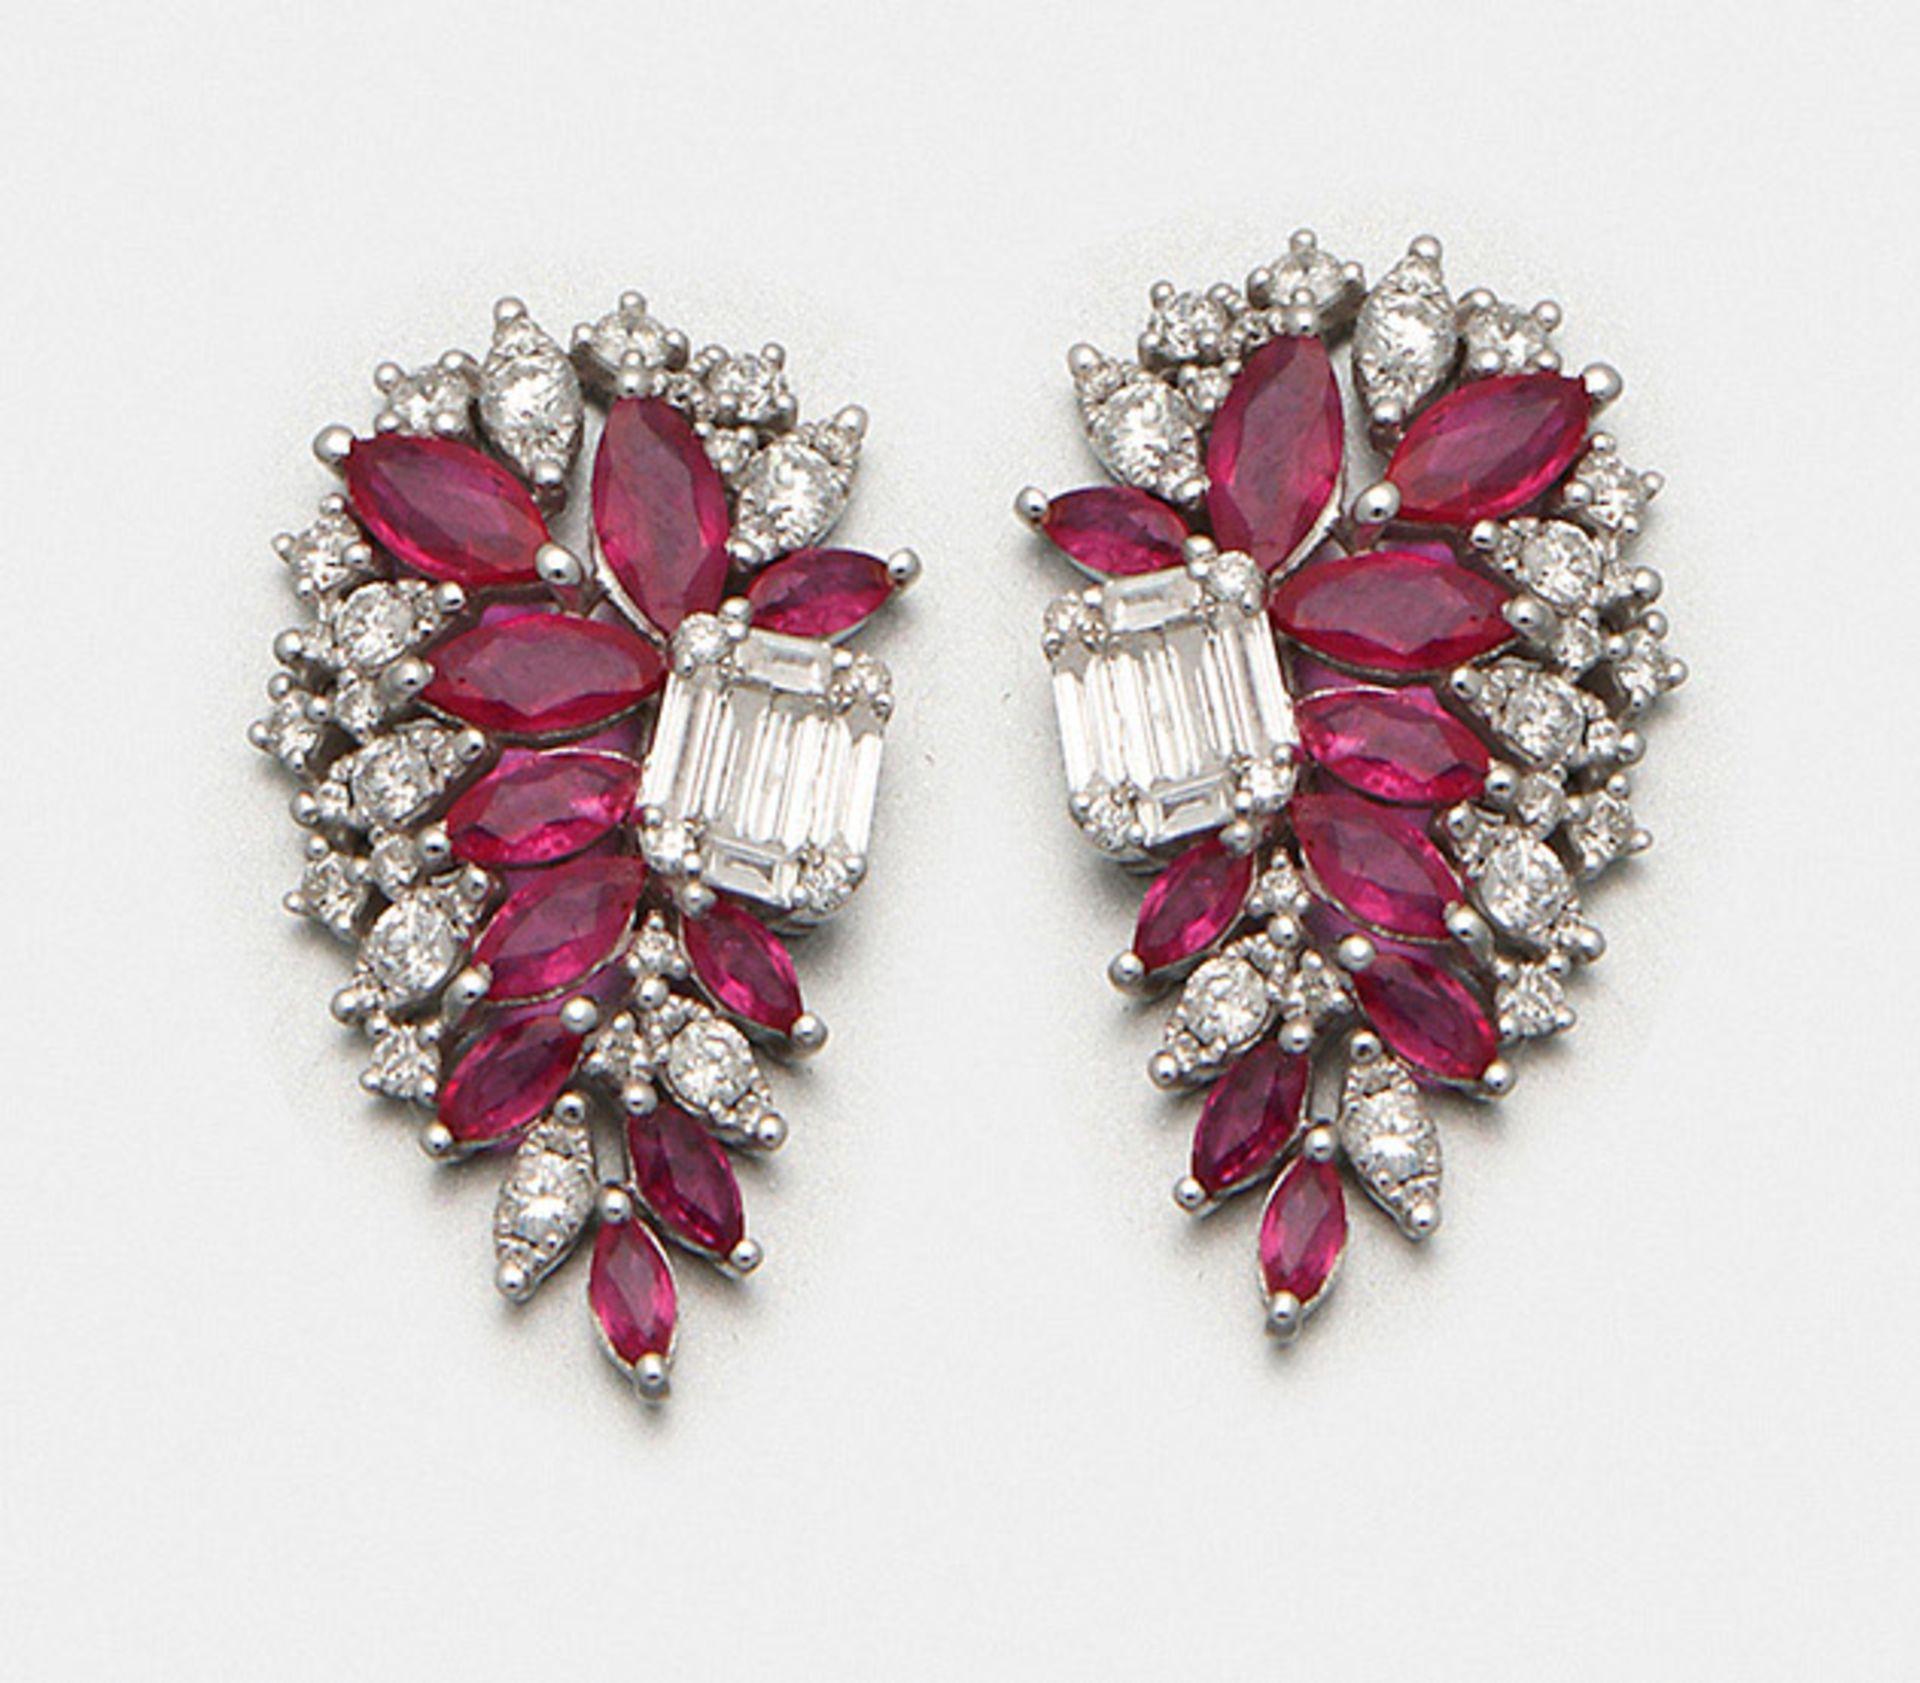 Paar Rubinohrringe im glamourösen Stil der 40er Jahre